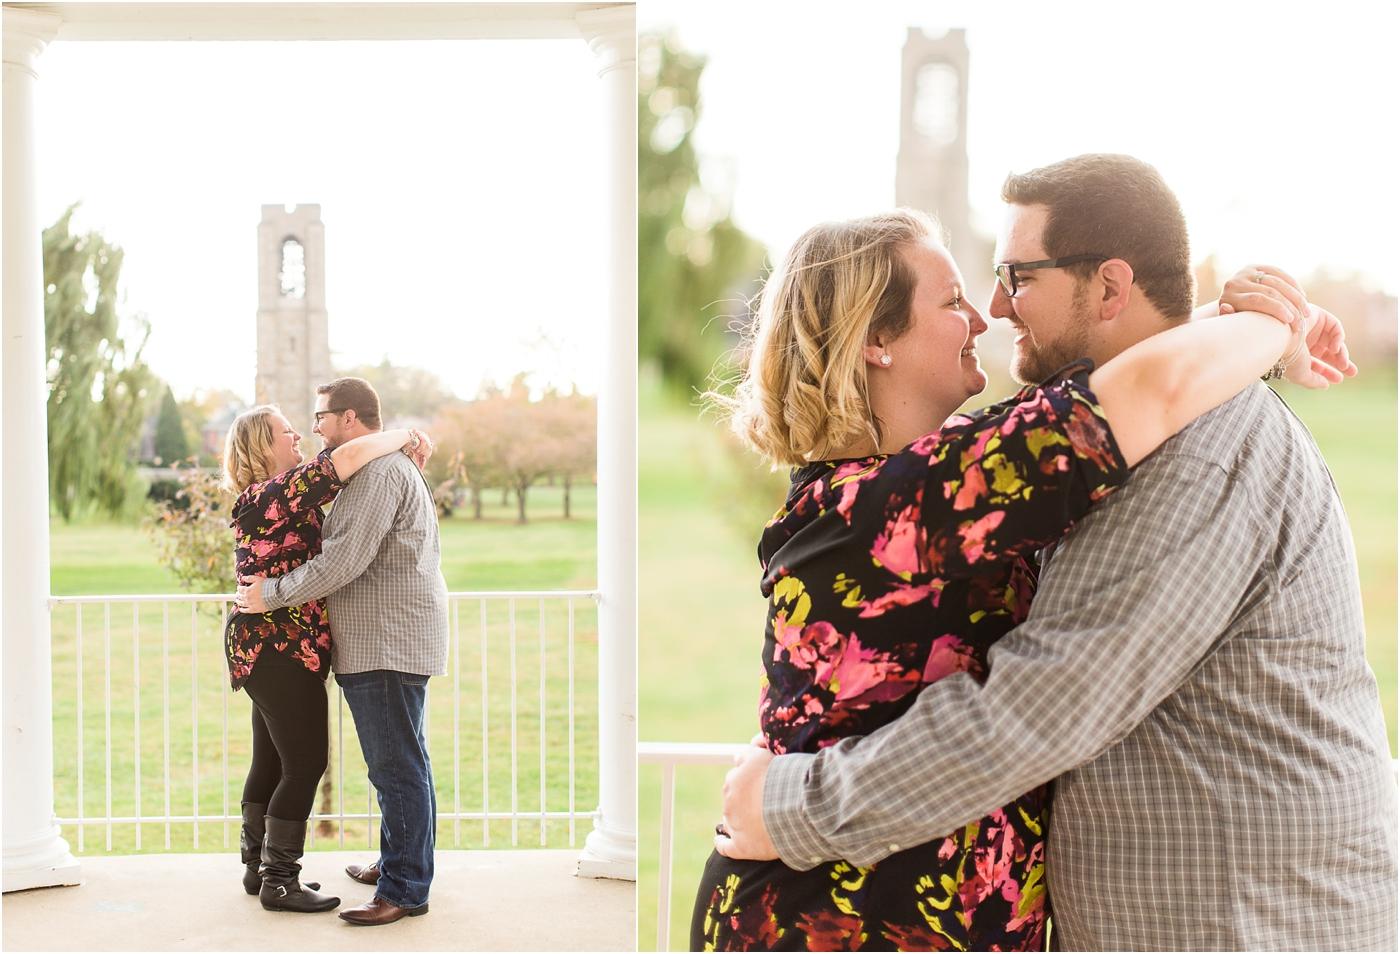 Frederick-Engagement-Photos-2016_0037.jpg